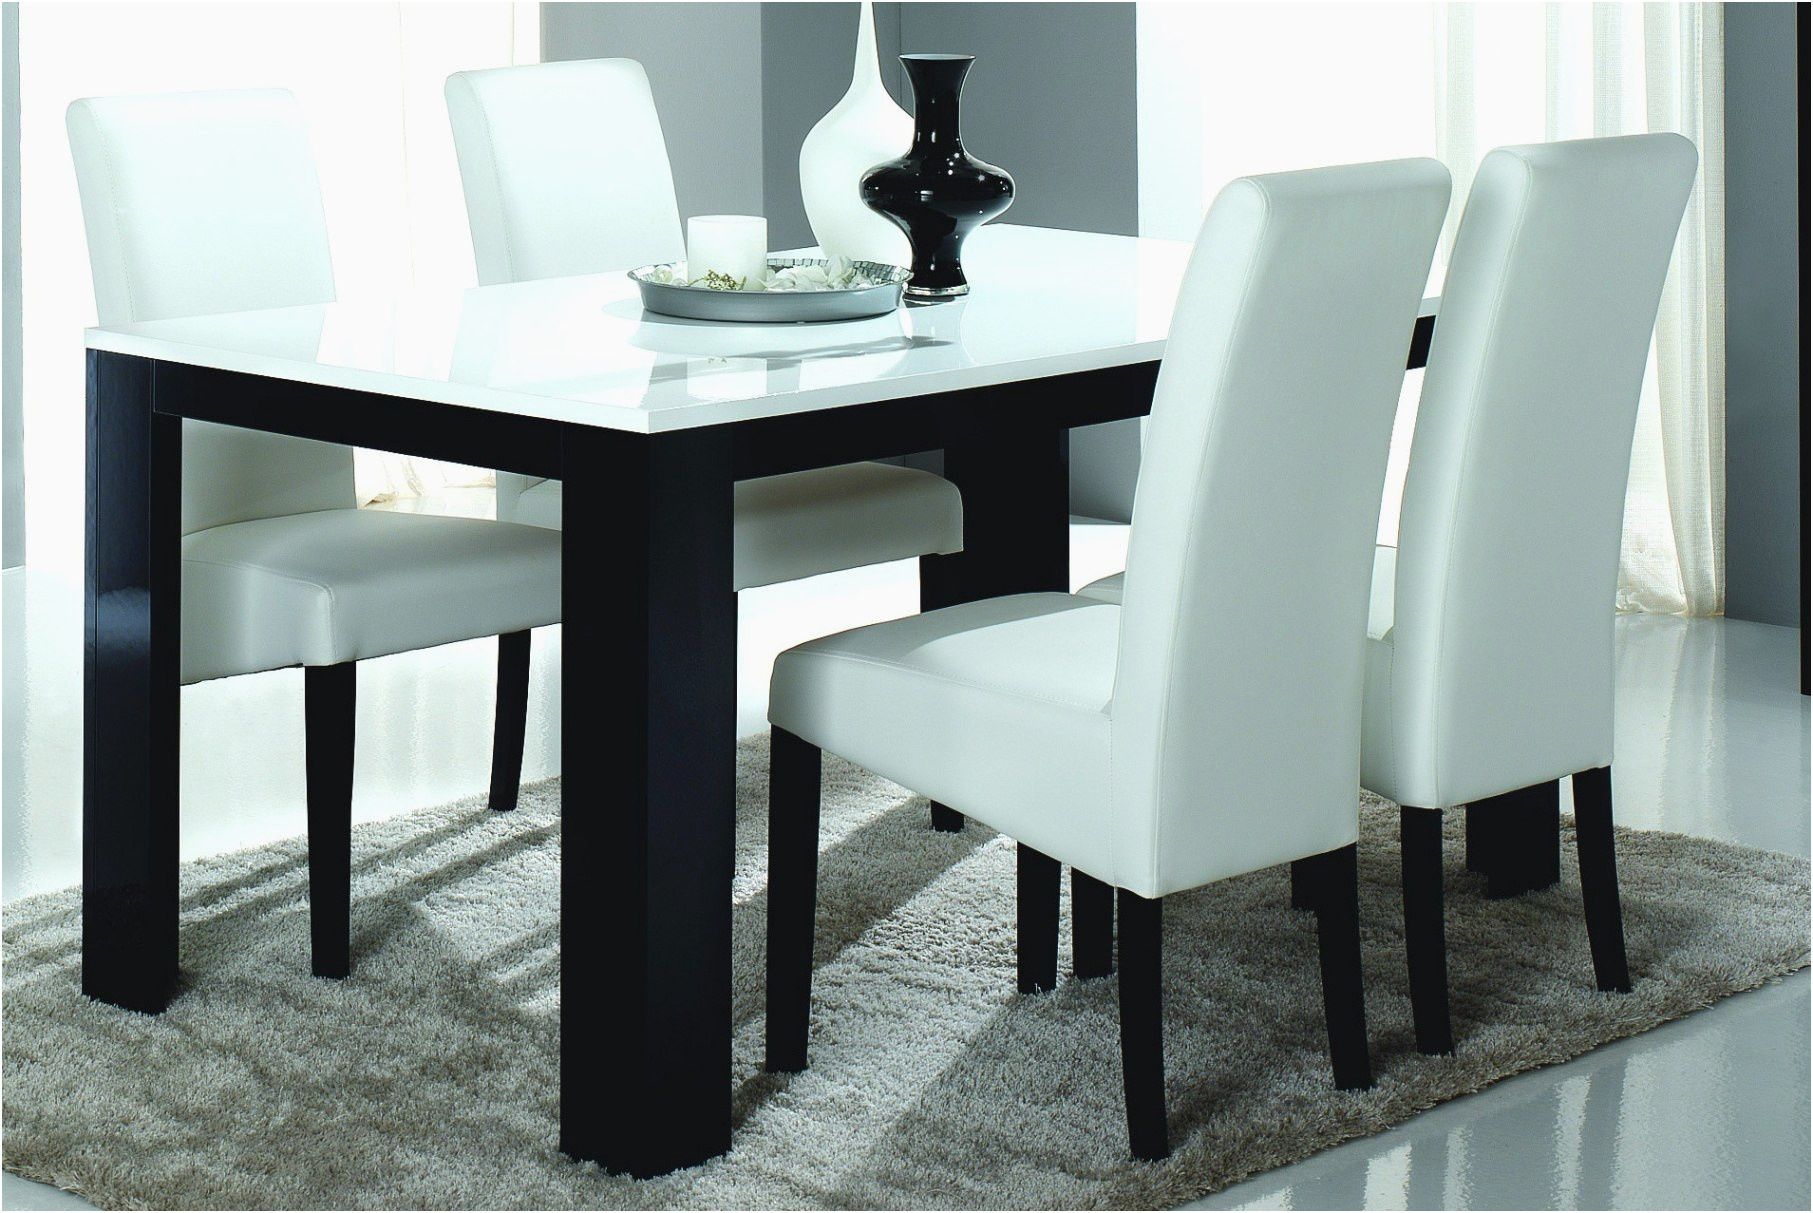 10 Amusant Table Carrée Extensible Ikea Photograph | Salle A ... pour Table Basse De Jardin Ikea